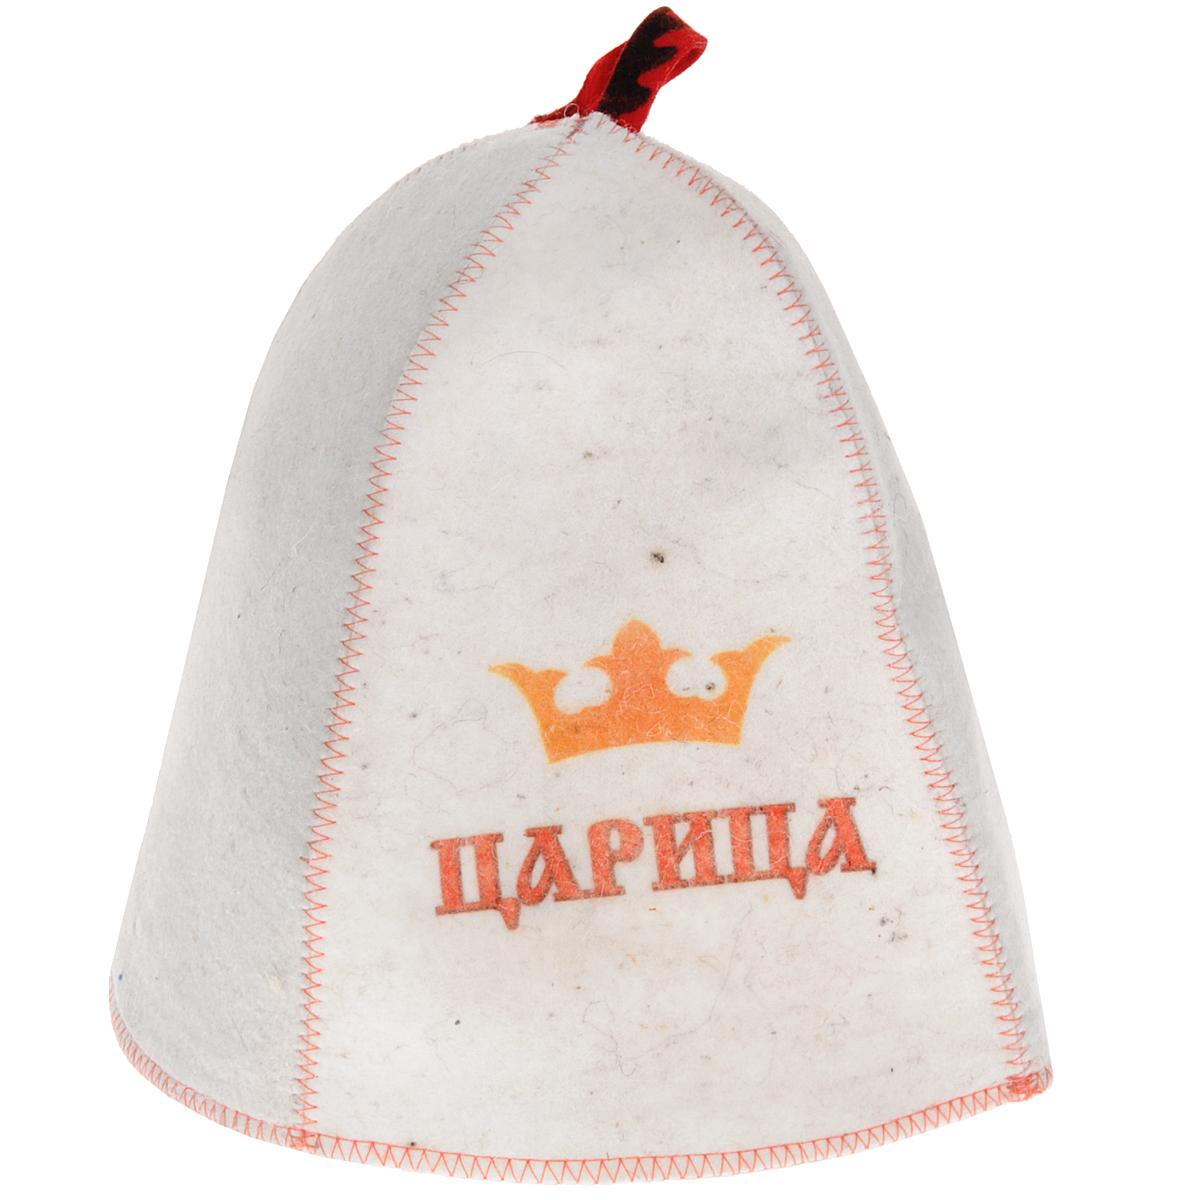 Шапка для бани и сауны Царица, шерстьБ410Шапка для бани и сауны - это незаменимый аксессуар для любителей попариться в русской бане и для тех, кто предпочитает сухой жар финской бани. Шапка оформлена надписью Царица. Необычный дизайн изделия поможет сделать Ваш отдых более приятным и разнообразным, к тому же шапка защитит Вас от появления головокружения в бани, волосы от сухости и ломкости, а голову от перегрева. Такая шапка станет отличным подарком для любителей отдыха в бане или сауне. Диаметр основания шапки: 34 см. Высота шапки: 26 см.